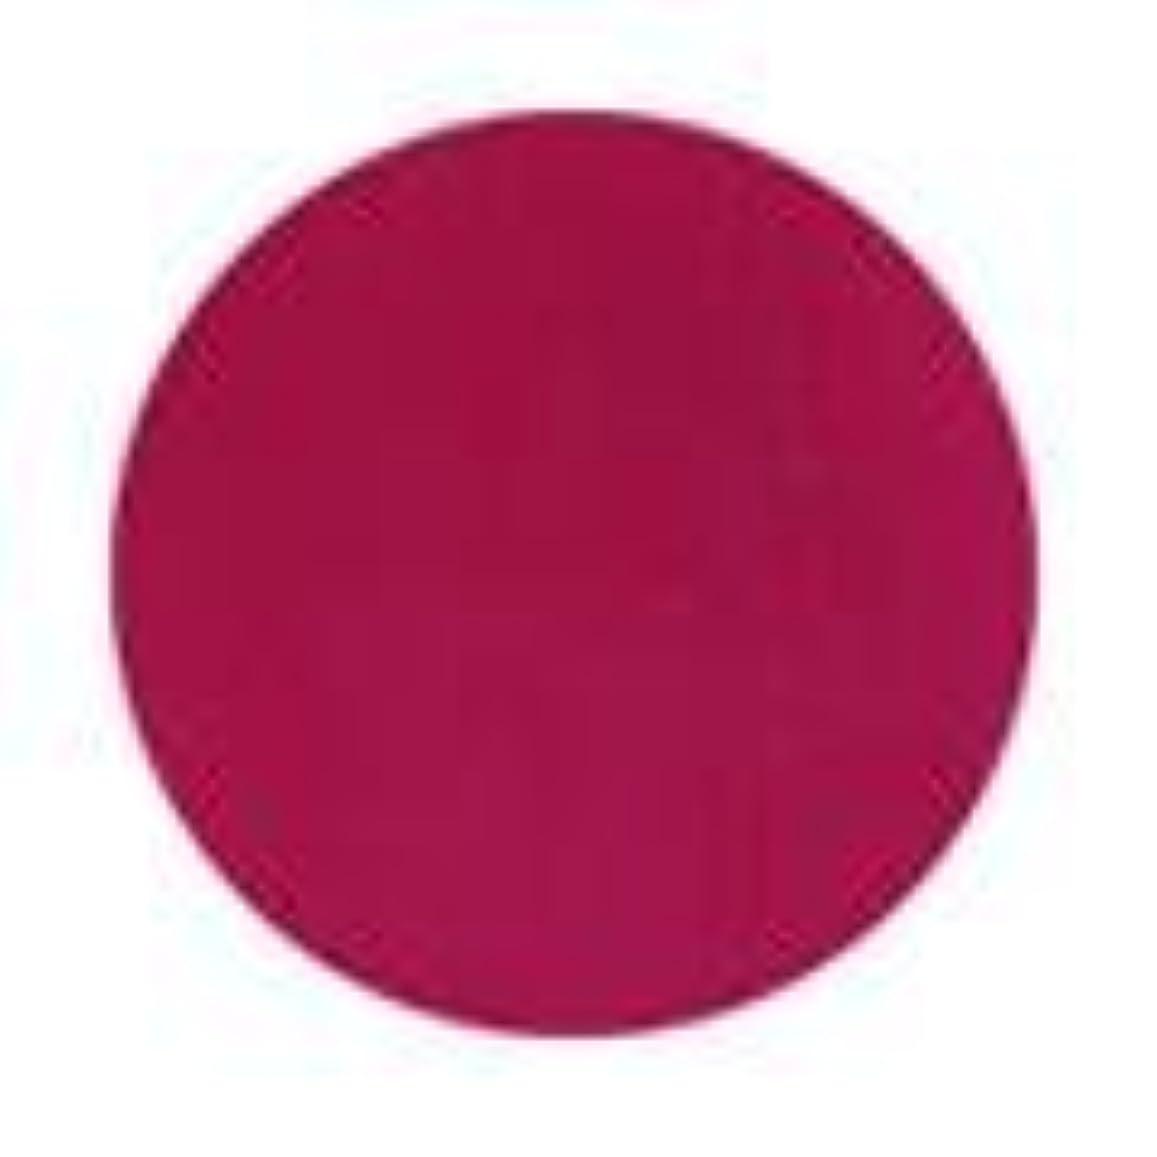 ノミネート貫通音Jessica ジェレレーション カラー 15ml  950 ワイルドベリーズ